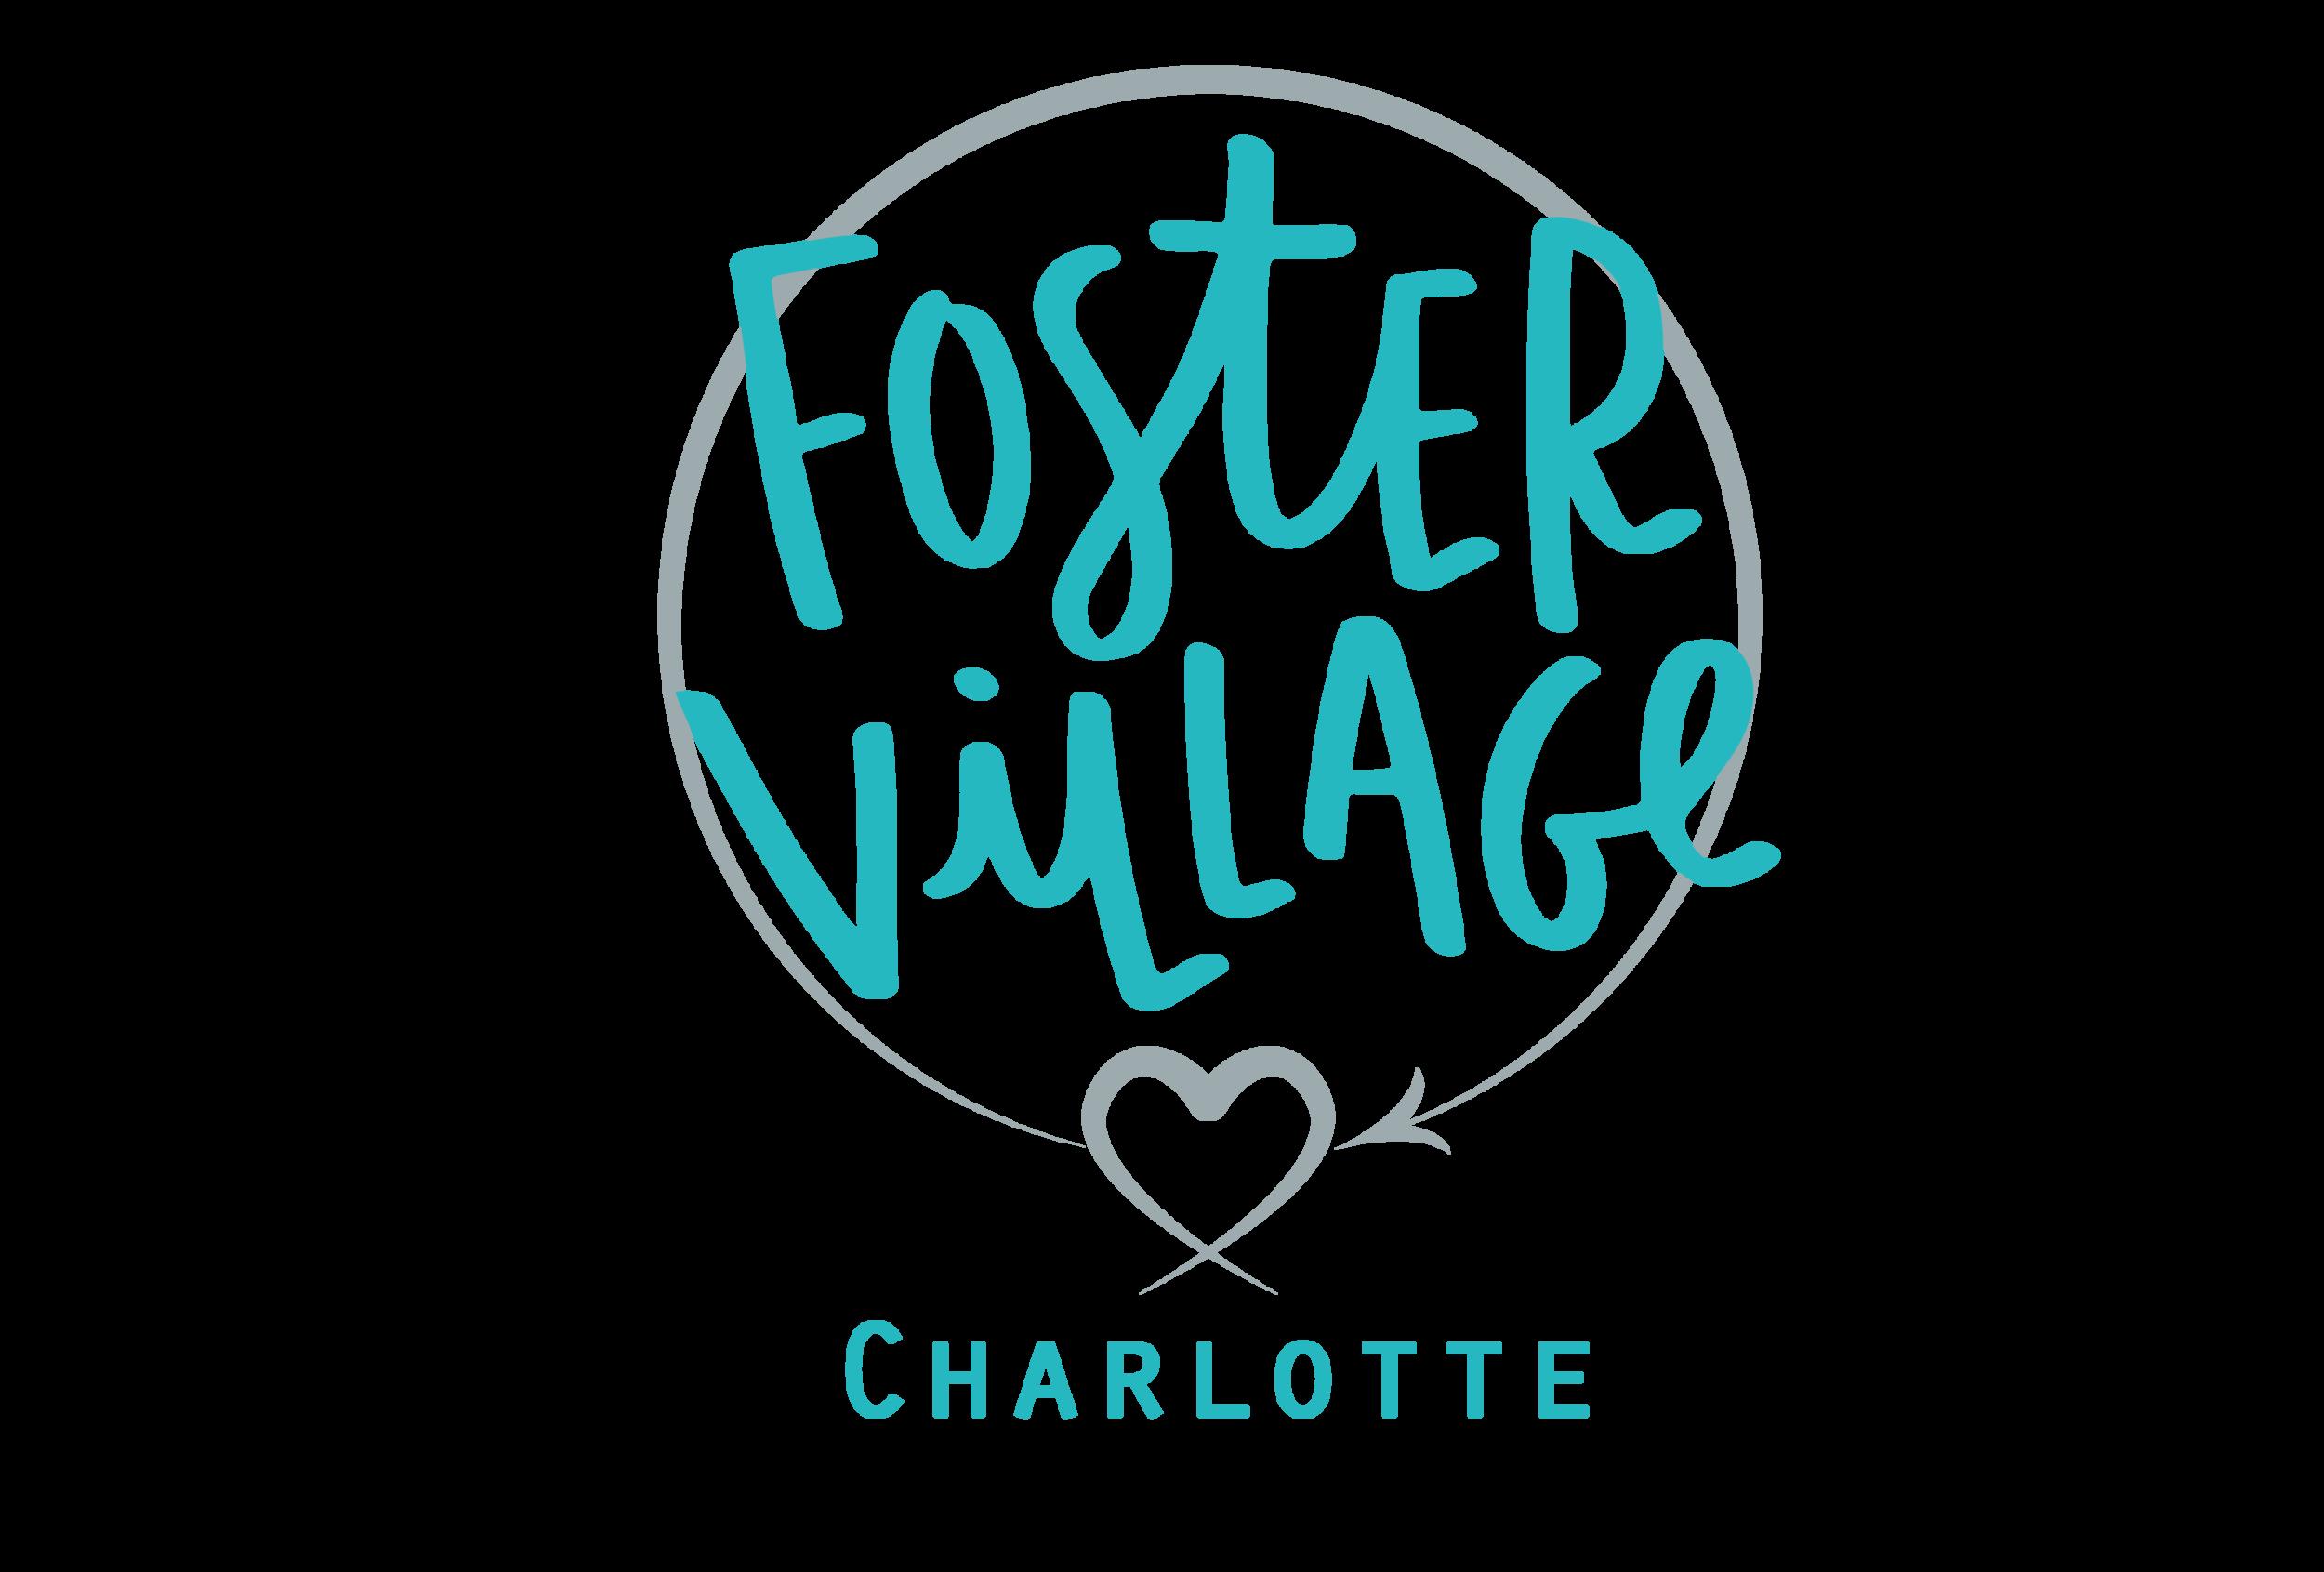 FV_Charlotte_logo.png